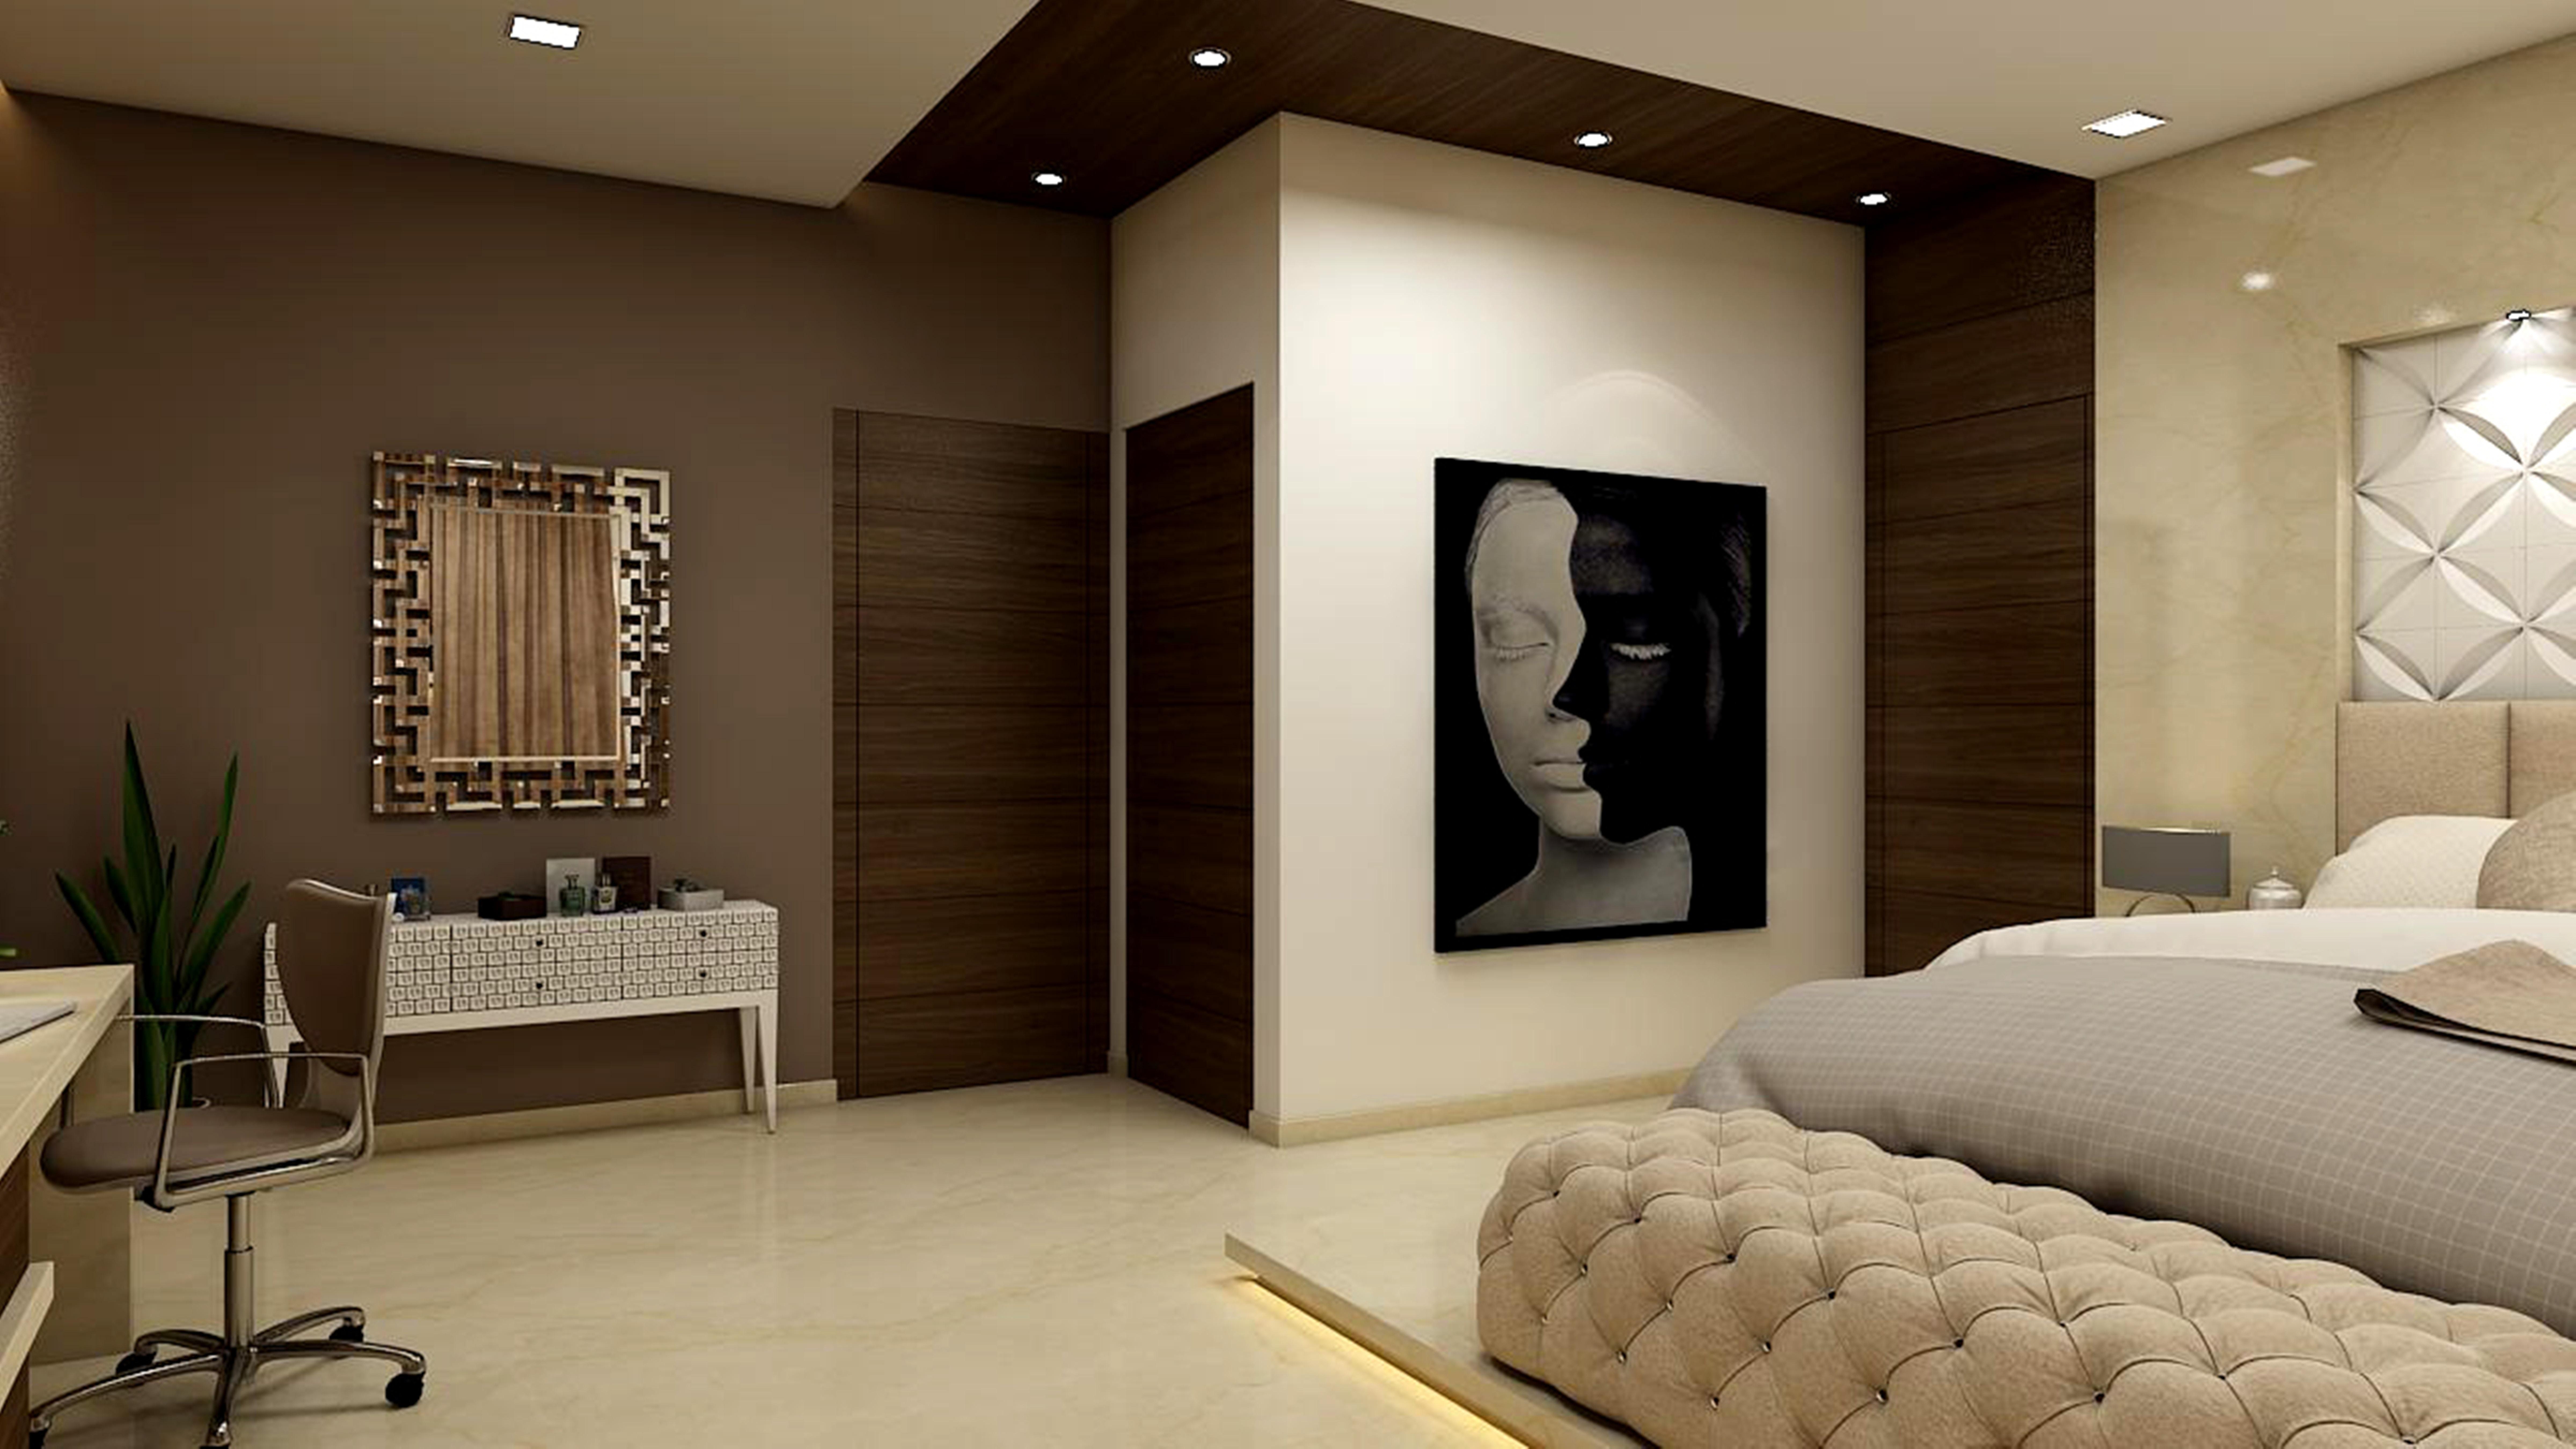 Eid Électricique - Électricien - Résidentiel Chambres à coucher